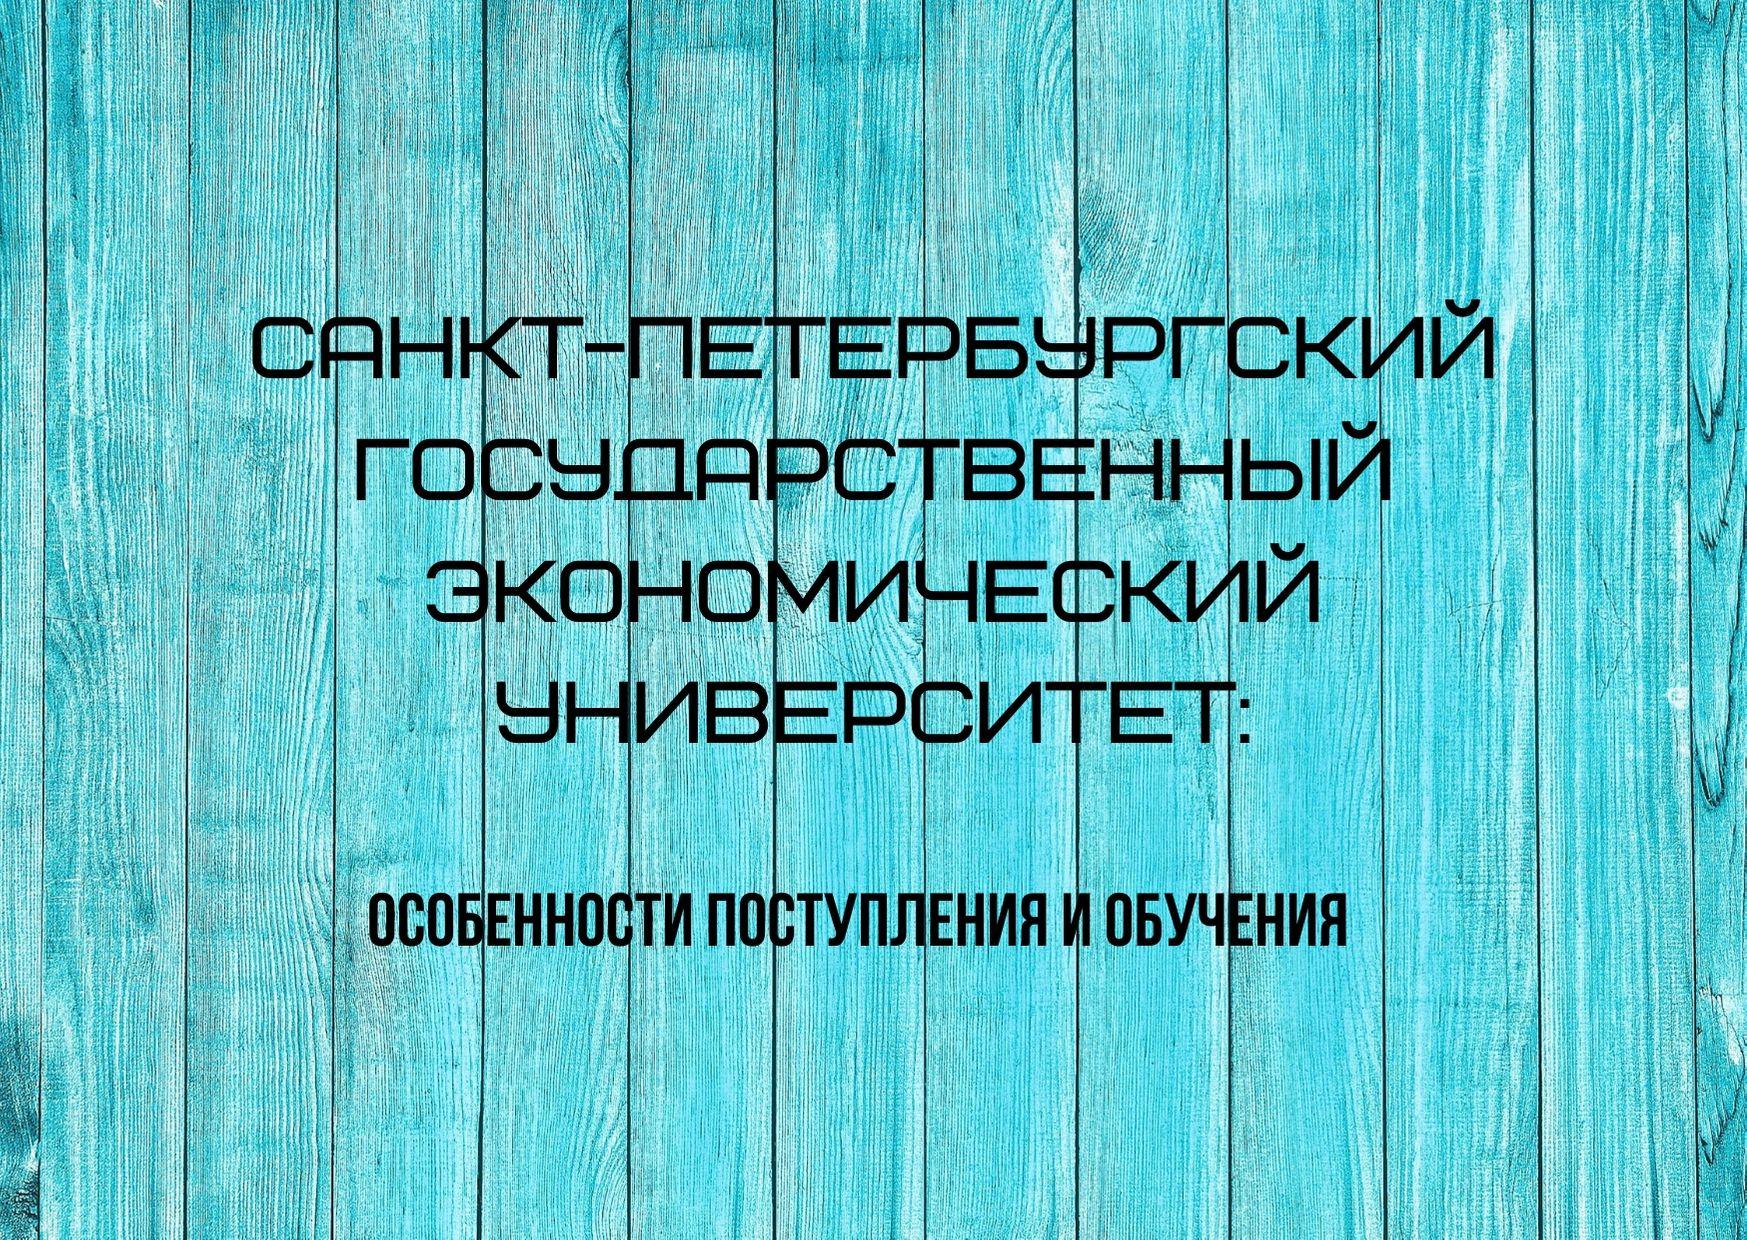 Санкт-Петербургский государственный экономический университет: особенности поступления и обучения